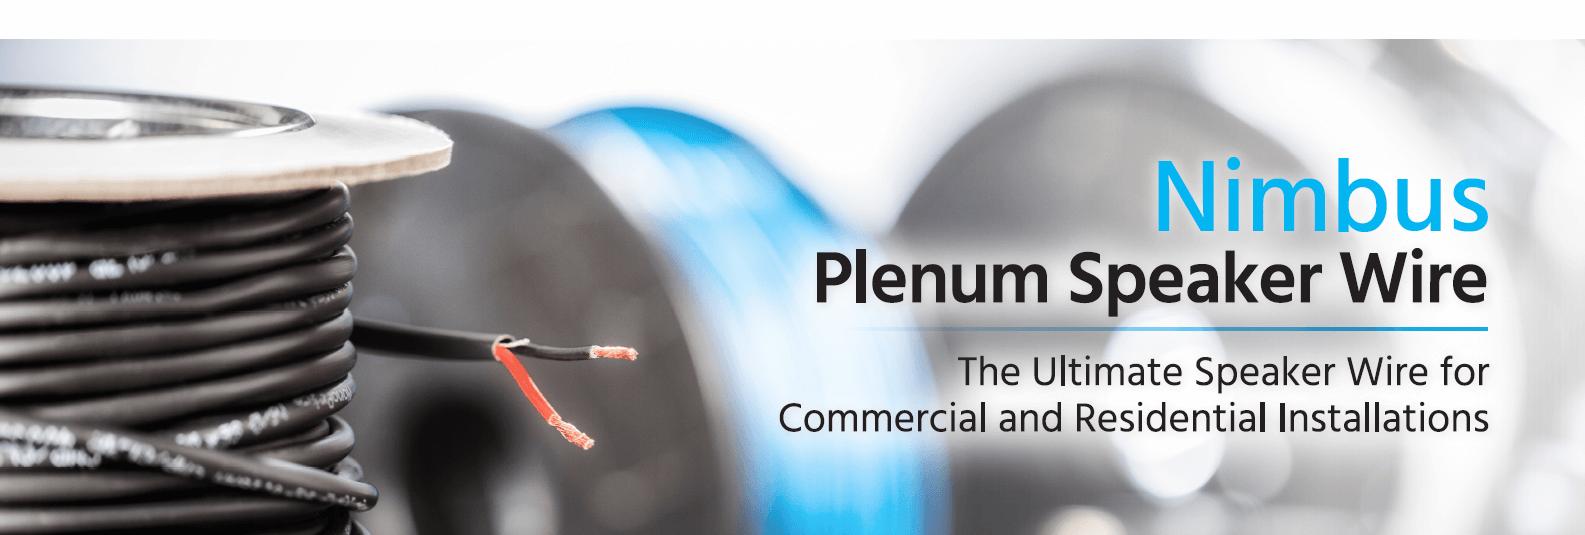 Nimbus Plenum Speaker Wire